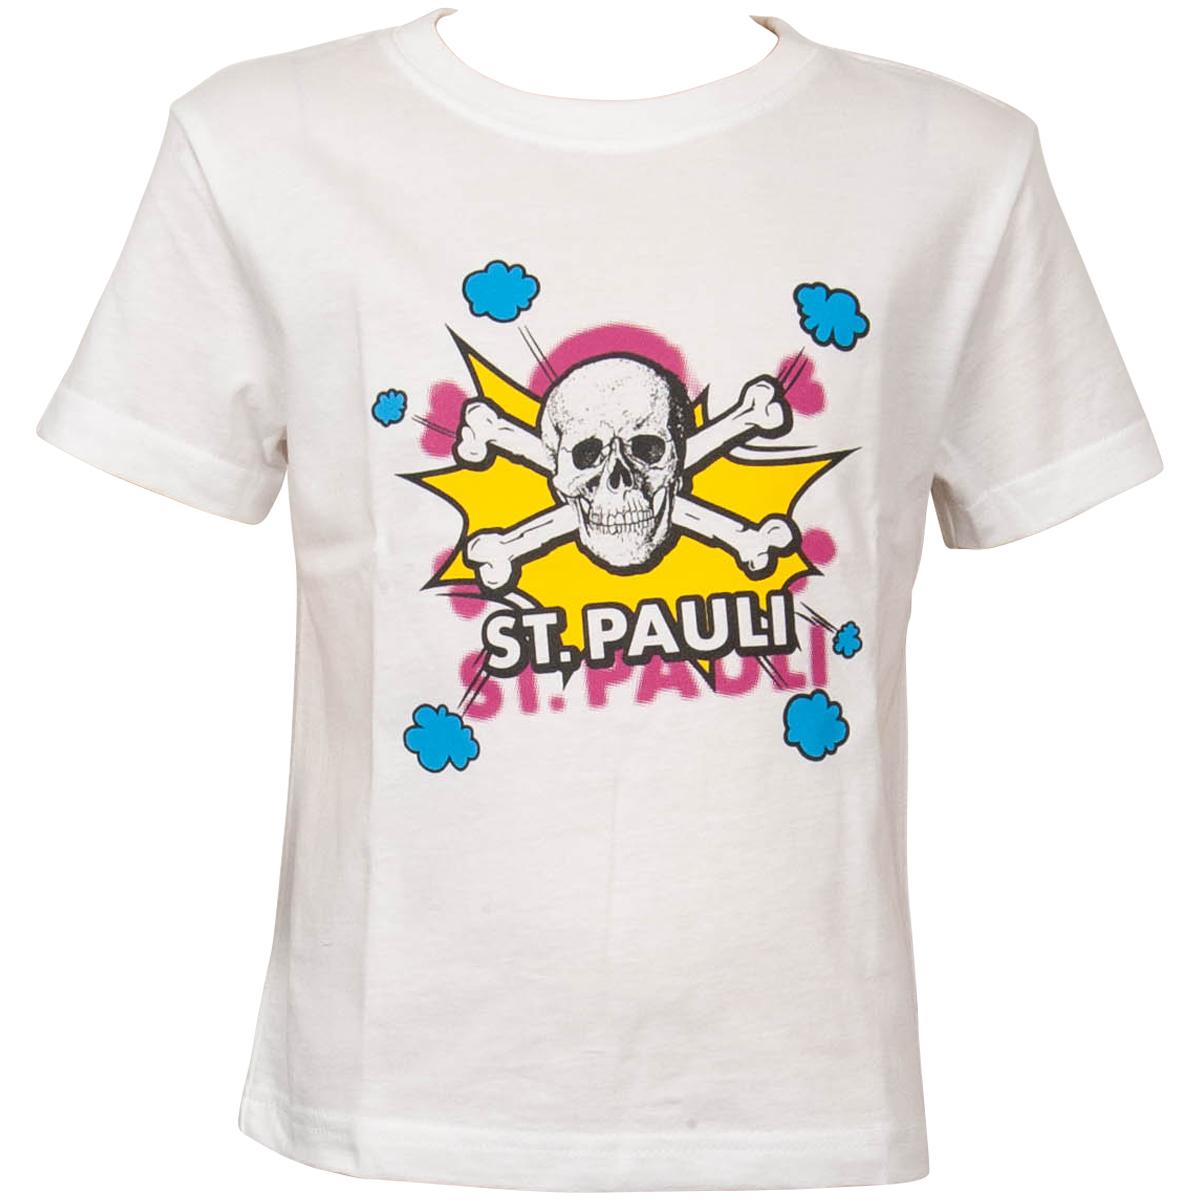 FC St. Pauli - Kinder T-Shirt Totenkopf Pow Weiss-Gelb - weiß